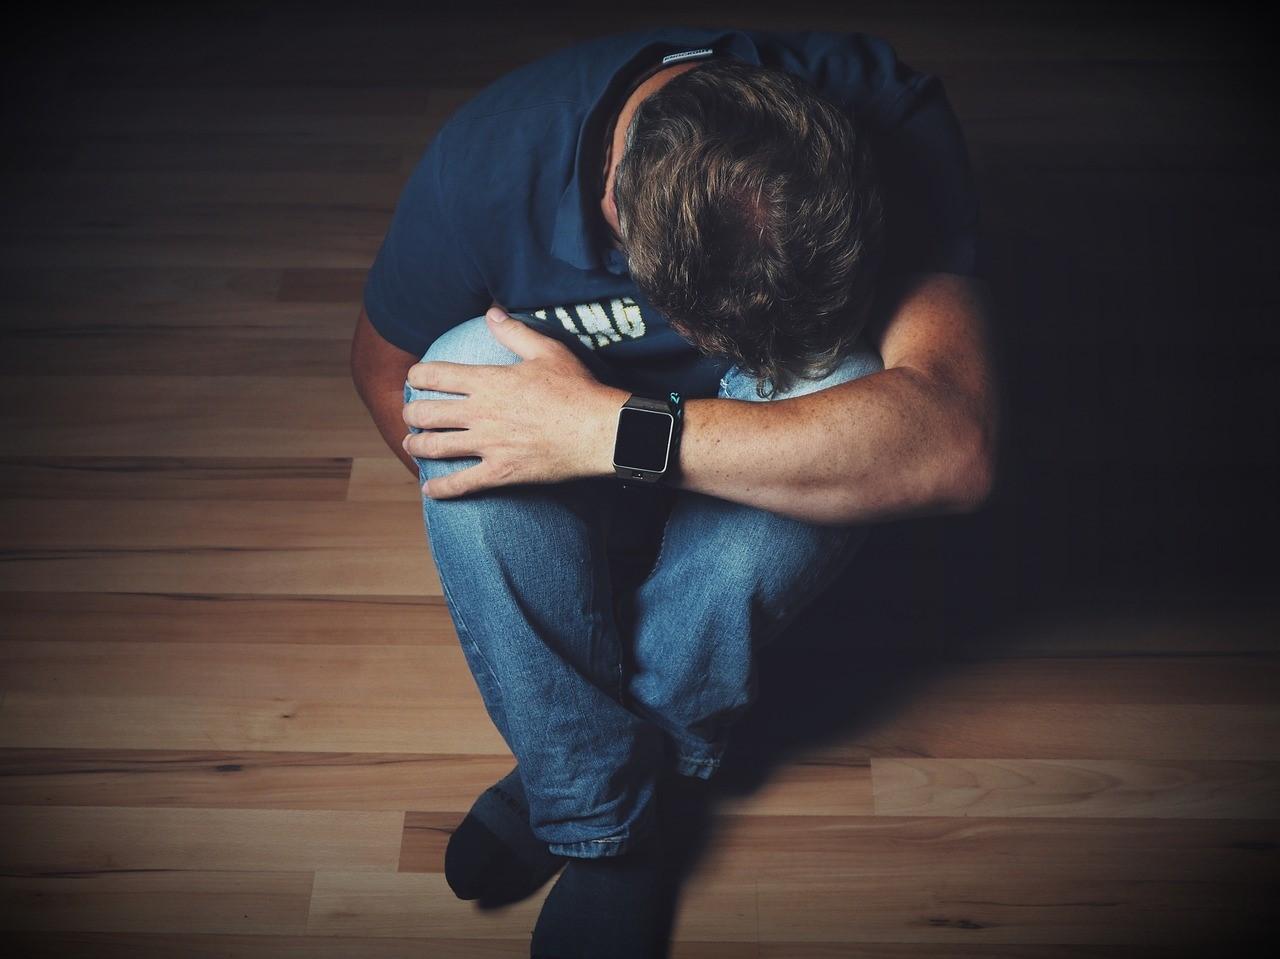 Apakah Anda Sedang Depresi? Yuk Lihat Beberapa Cirinya!